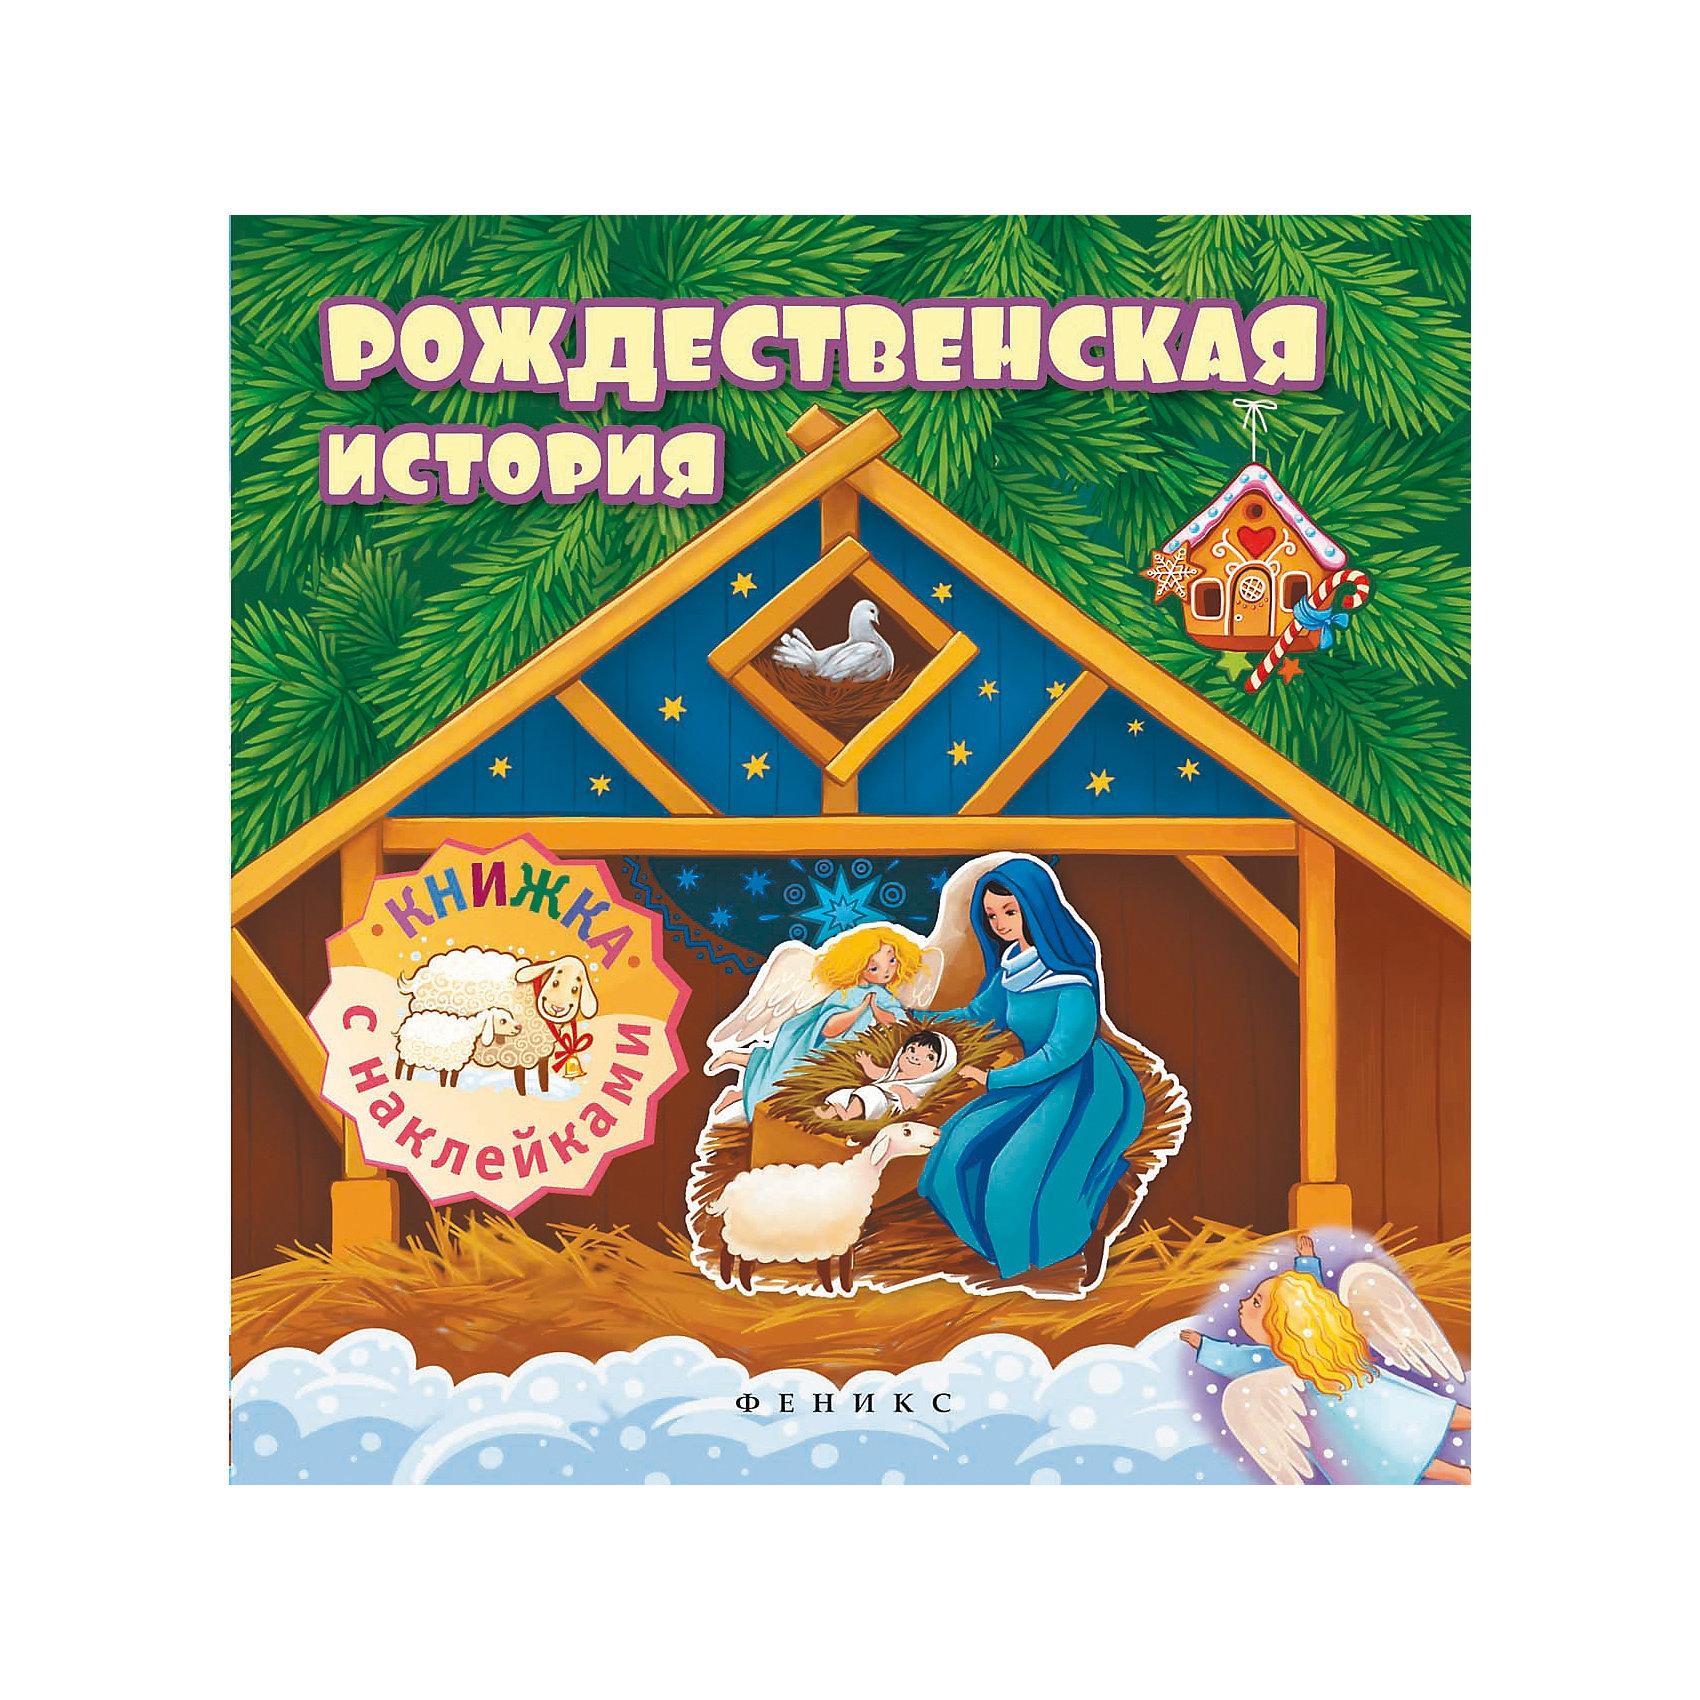 Рождественская история:книжка с наклейкамиДавай отпразднуем Рождество! Это удивительный праздник, который имеет долгую историю и свои традиции празднования.<br>Каждый разворот— это самостоятельная история, которую творит ребёнок, выбирая и наклеивая подходящие, на его взгляд, наклейки. Это отлична<br><br>Ширина мм: 205<br>Глубина мм: 205<br>Высота мм: 2<br>Вес г: 73<br>Возраст от месяцев: 12<br>Возраст до месяцев: 72<br>Пол: Унисекс<br>Возраст: Детский<br>SKU: 5120185